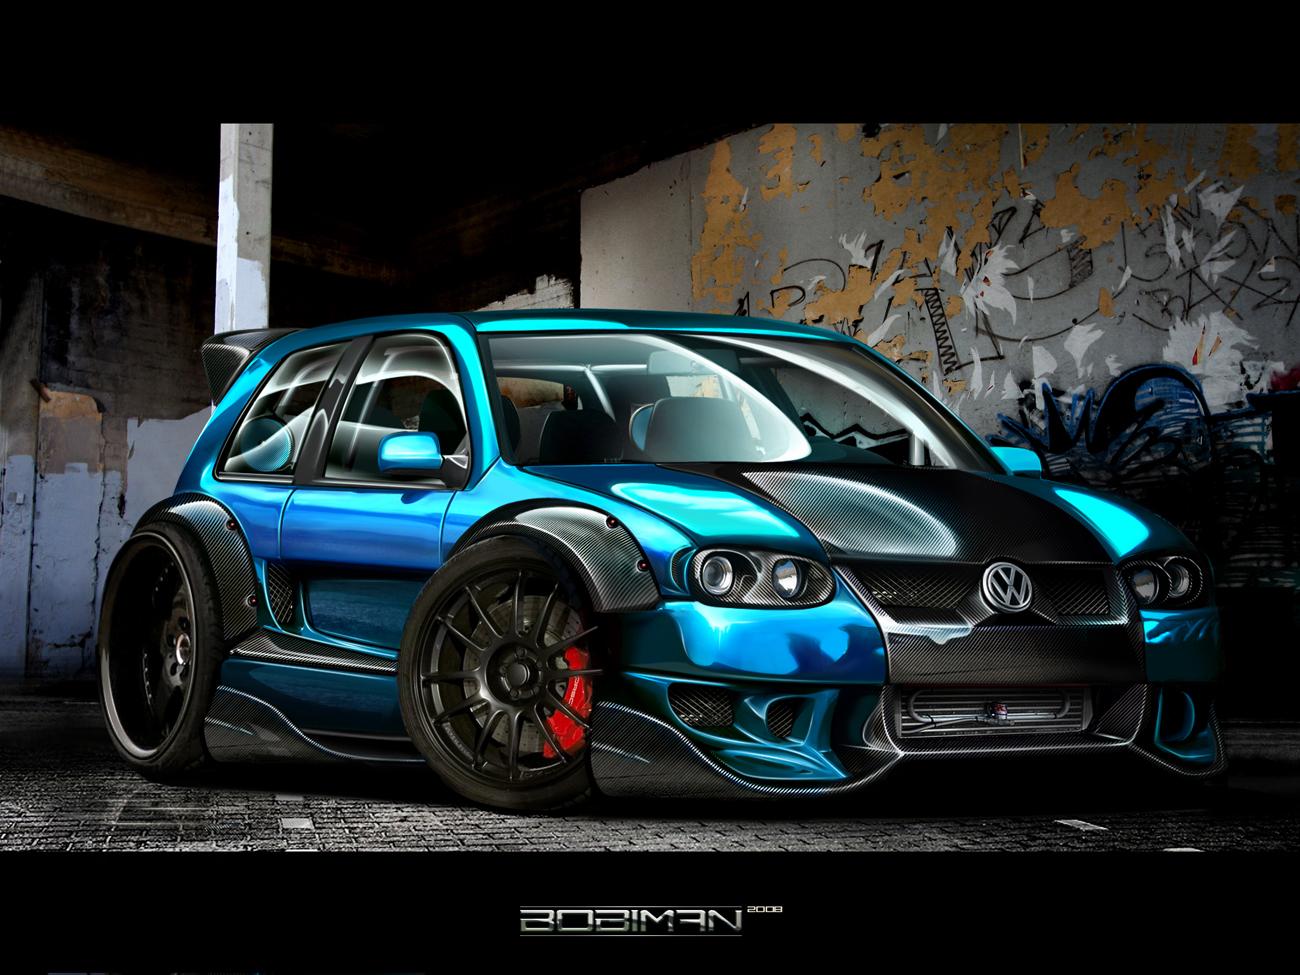 latest cars in the world 2011 latest cars in the world latest cars 1300x975